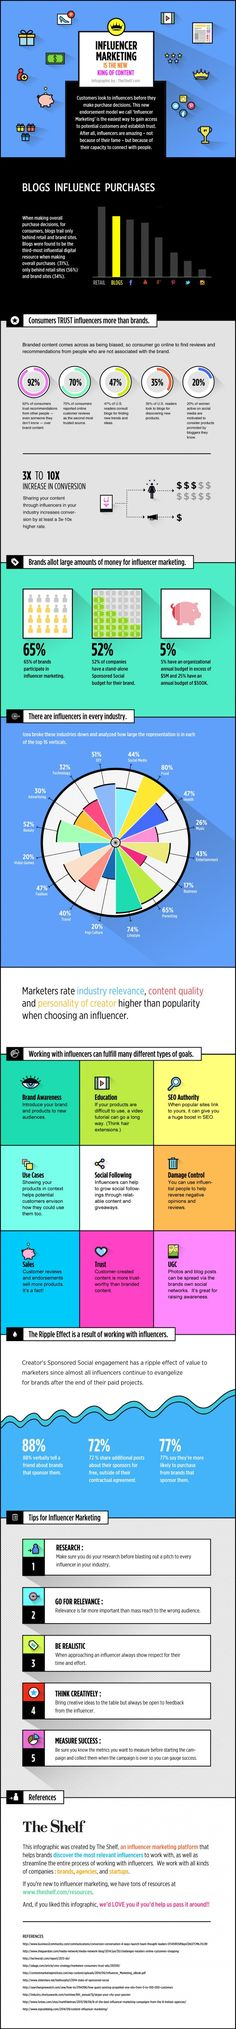 #InfluencerMarketing wird in Unternehmen immer beliebter und kommt häufig zum Einsatz. Untersuchungen zeigen nun die Vorteile des großen Einflusses auf.